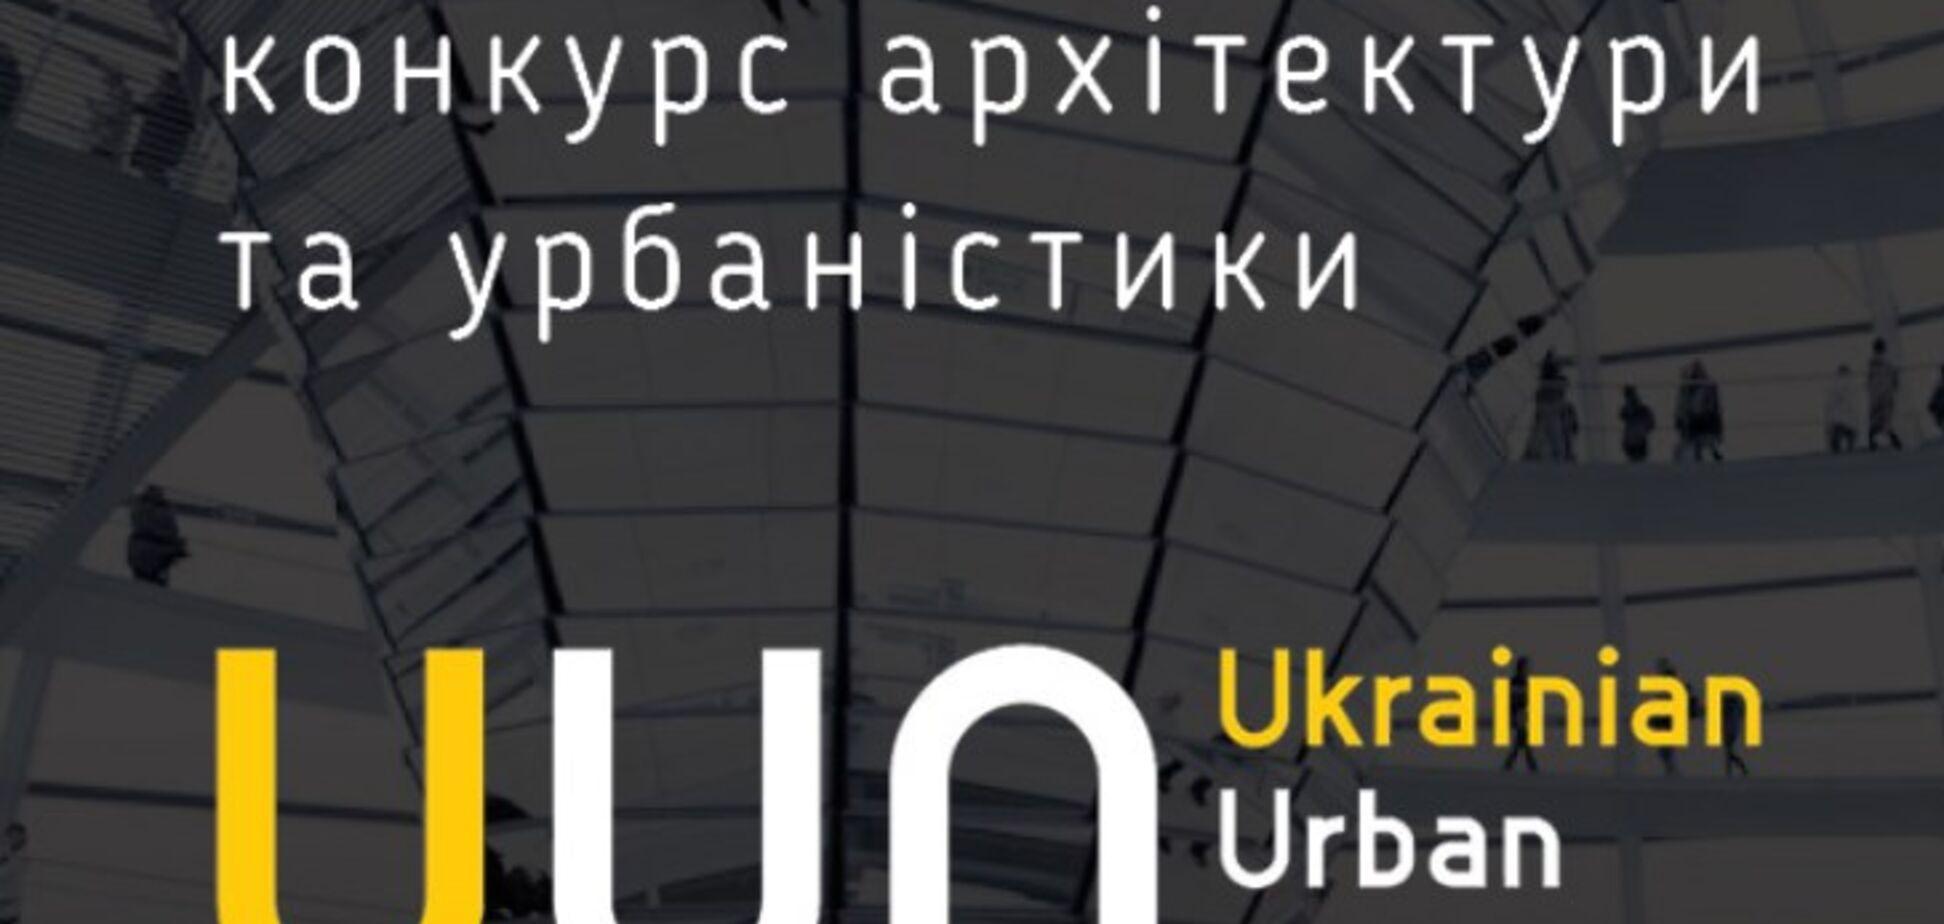 Всеукраїнський конкурс архітектури та урбаністики Ukrainian Urban Awards